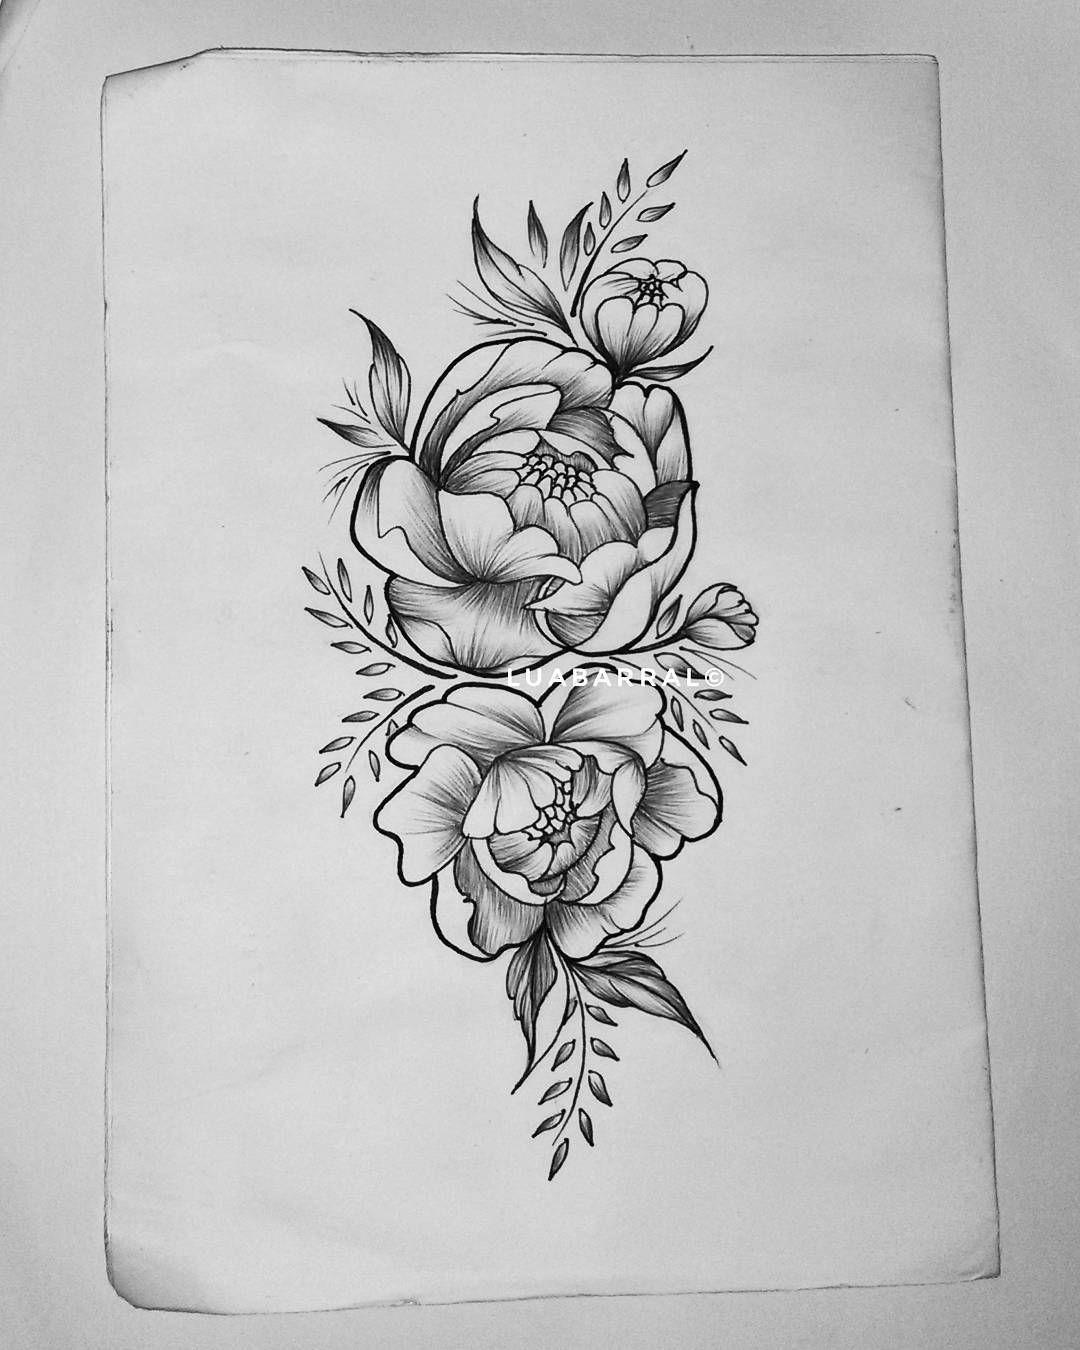 Peonias tattoo tatuagem floral next pinterest tattoos tattoo peonias tattoo tatuagem floral izmirmasajfo